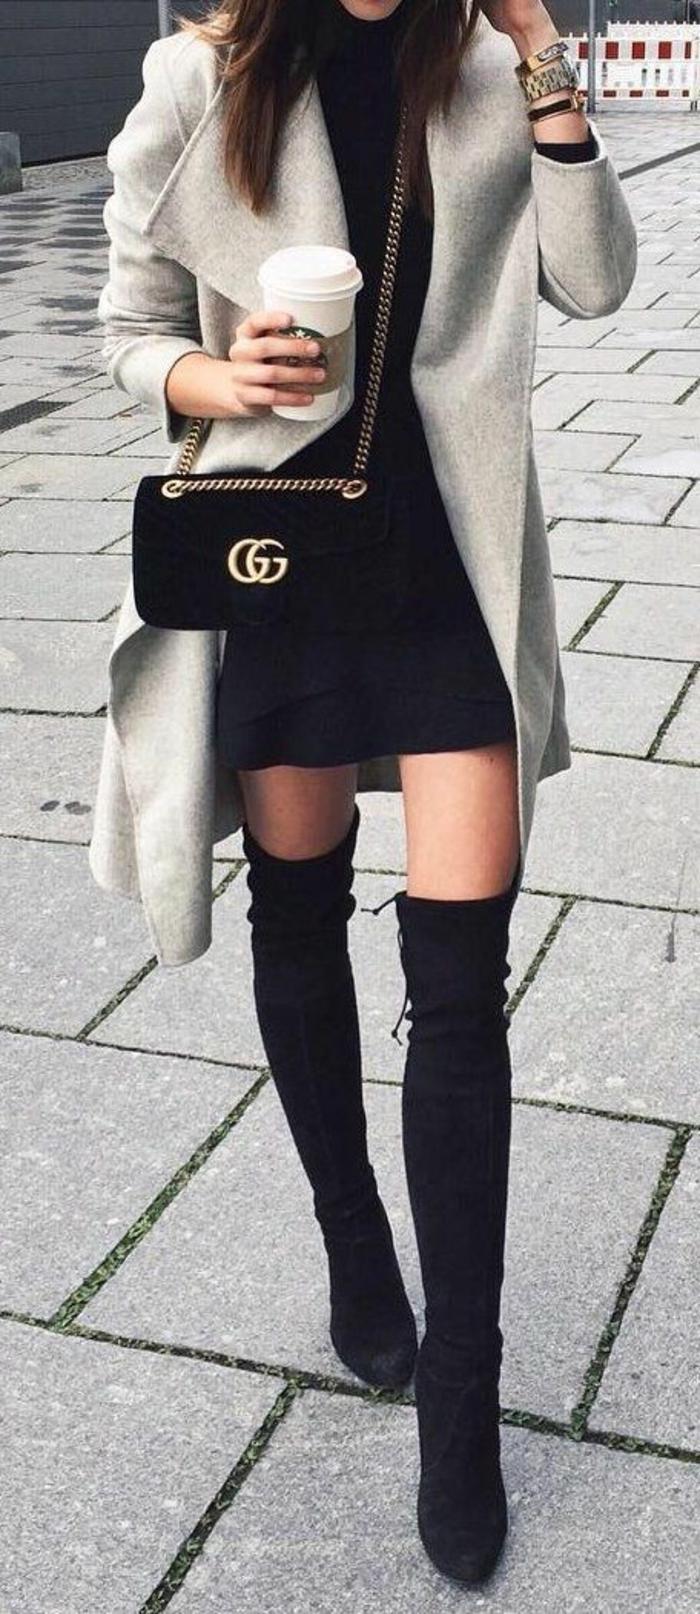 Cool tenue cuissards et manteau chic femme tenue chic et classe femme beauté et mode feminine